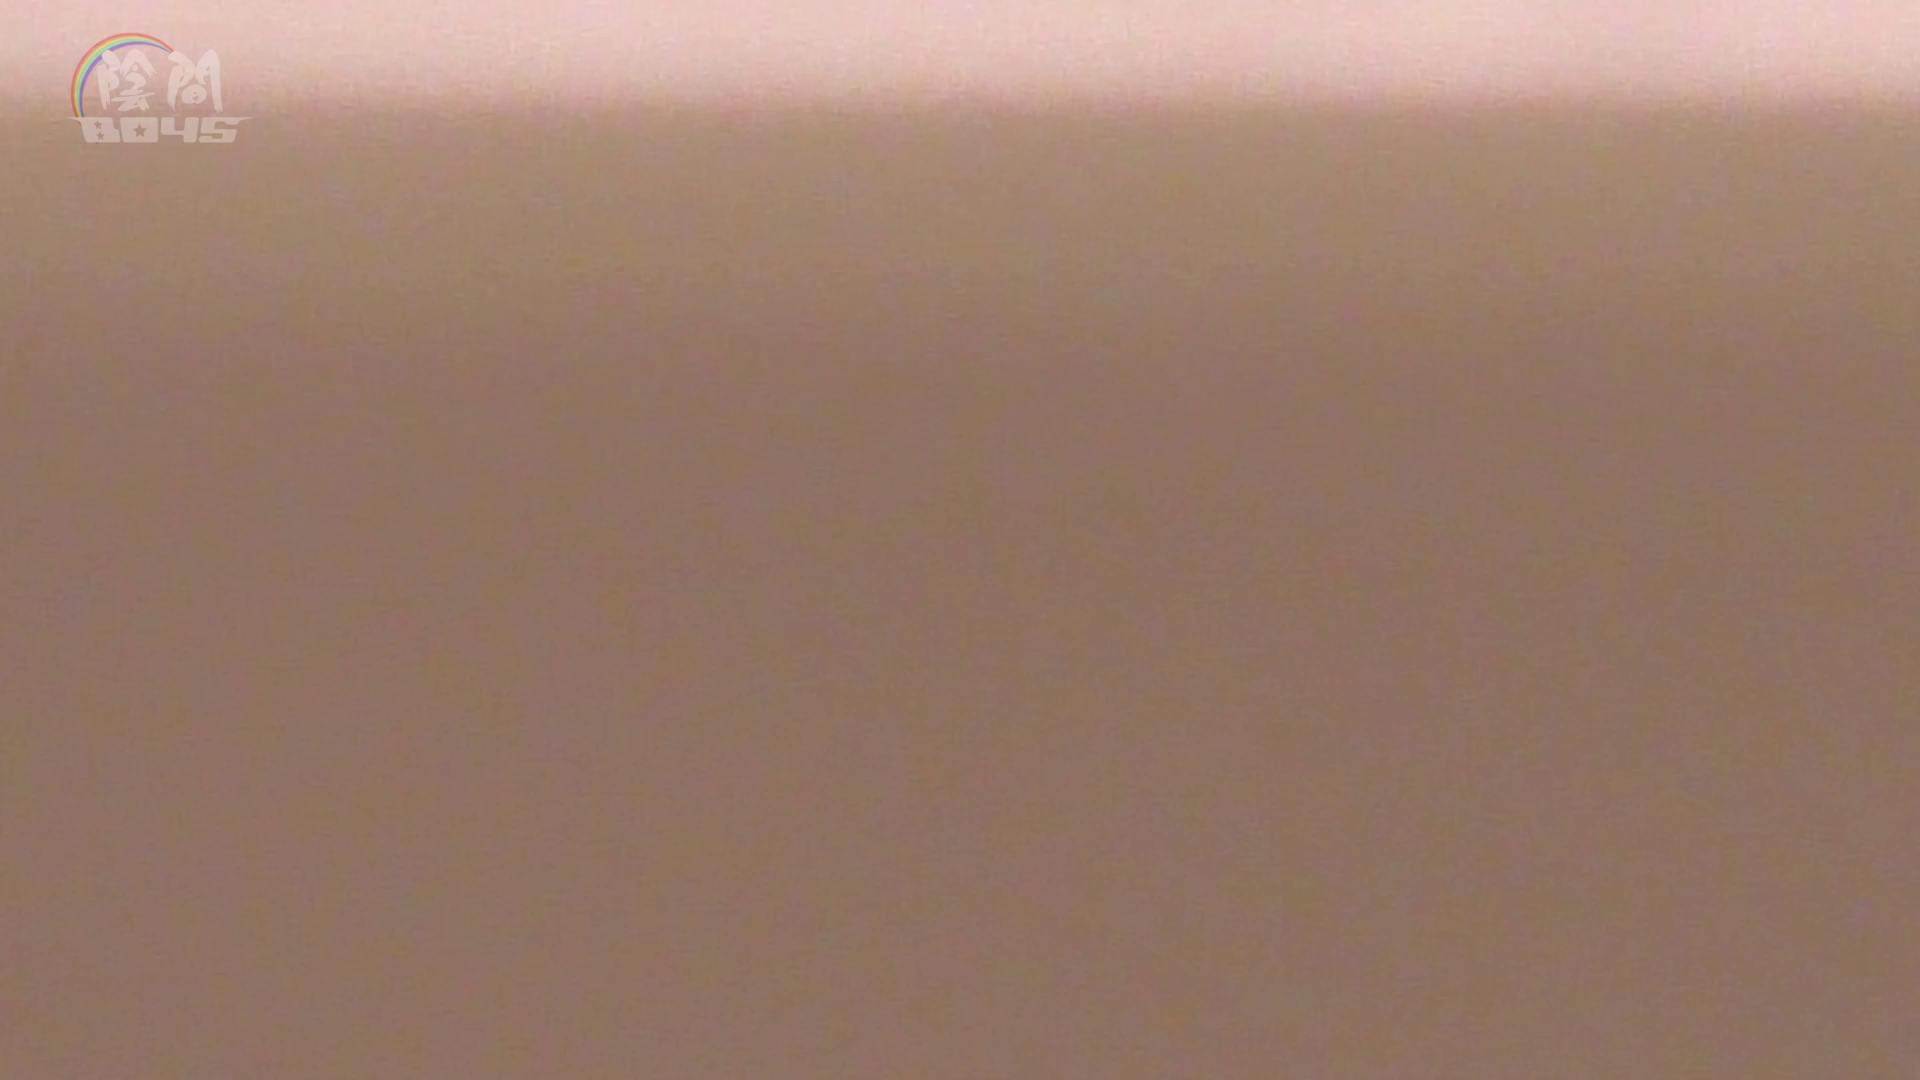 デカチン探偵かしこまりpart2 No.03 童顔 男同士動画 80画像 11